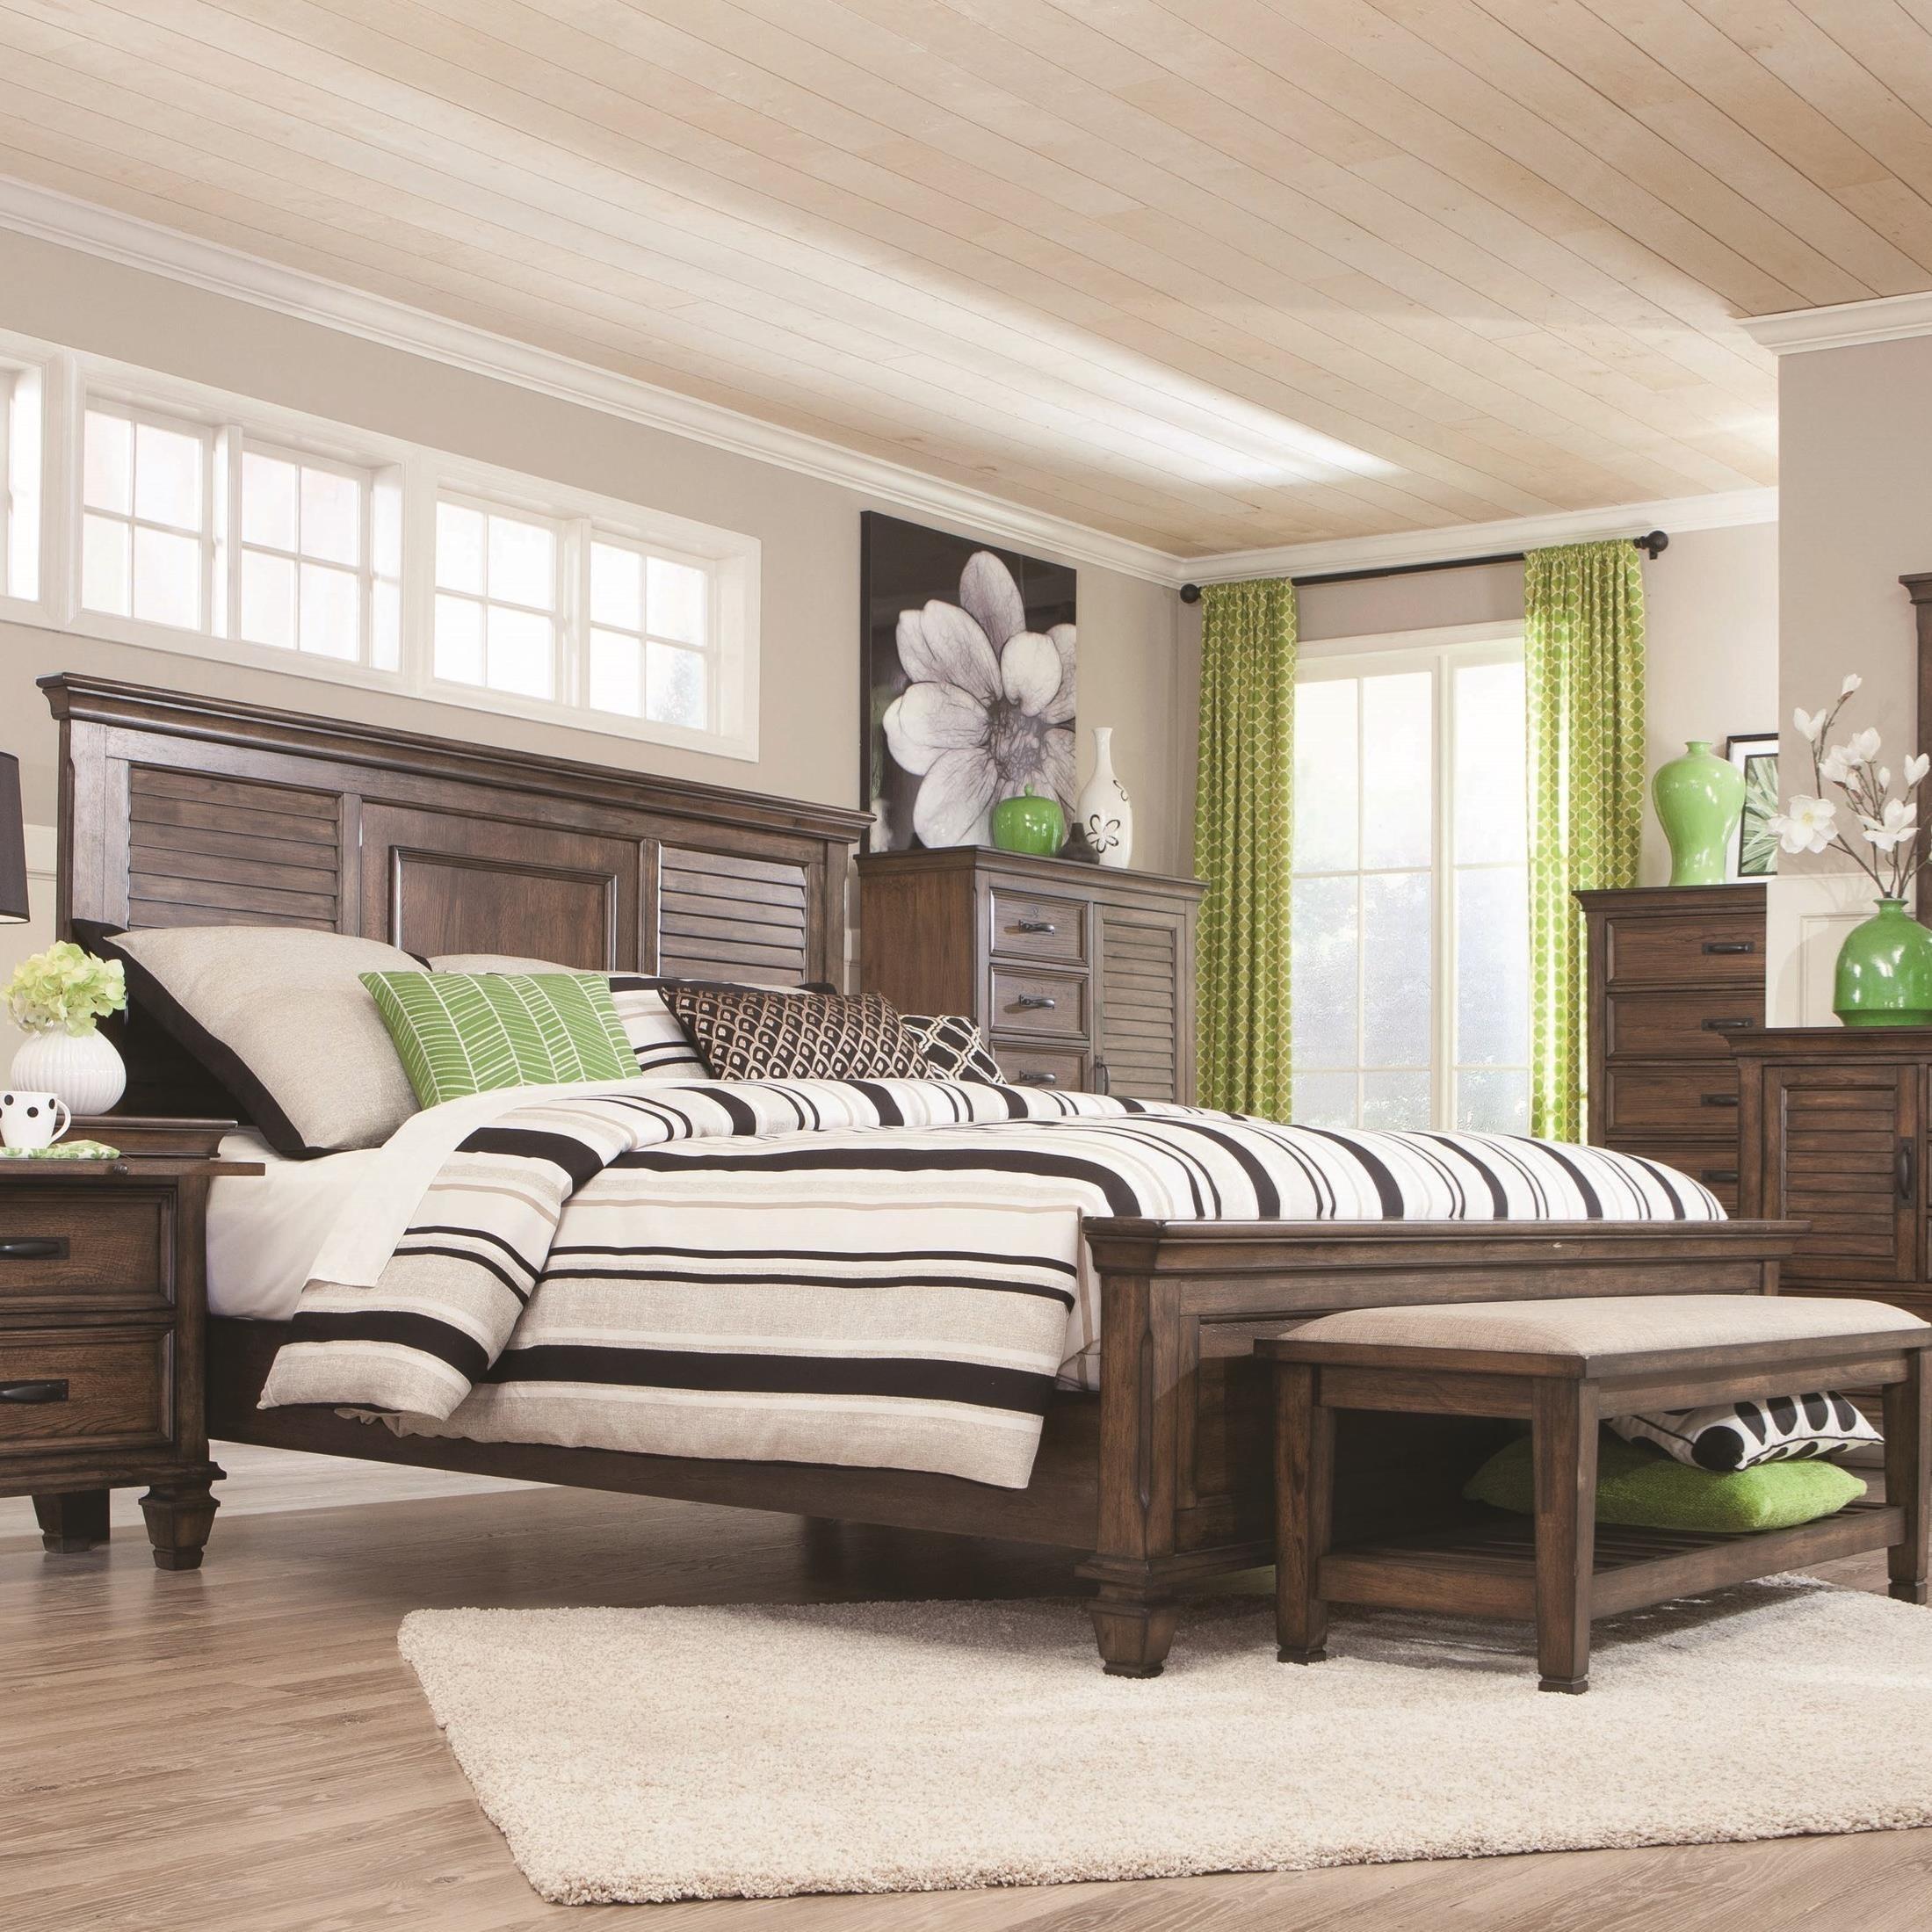 Coaster Franco King Bed - Item Number: 200971KE